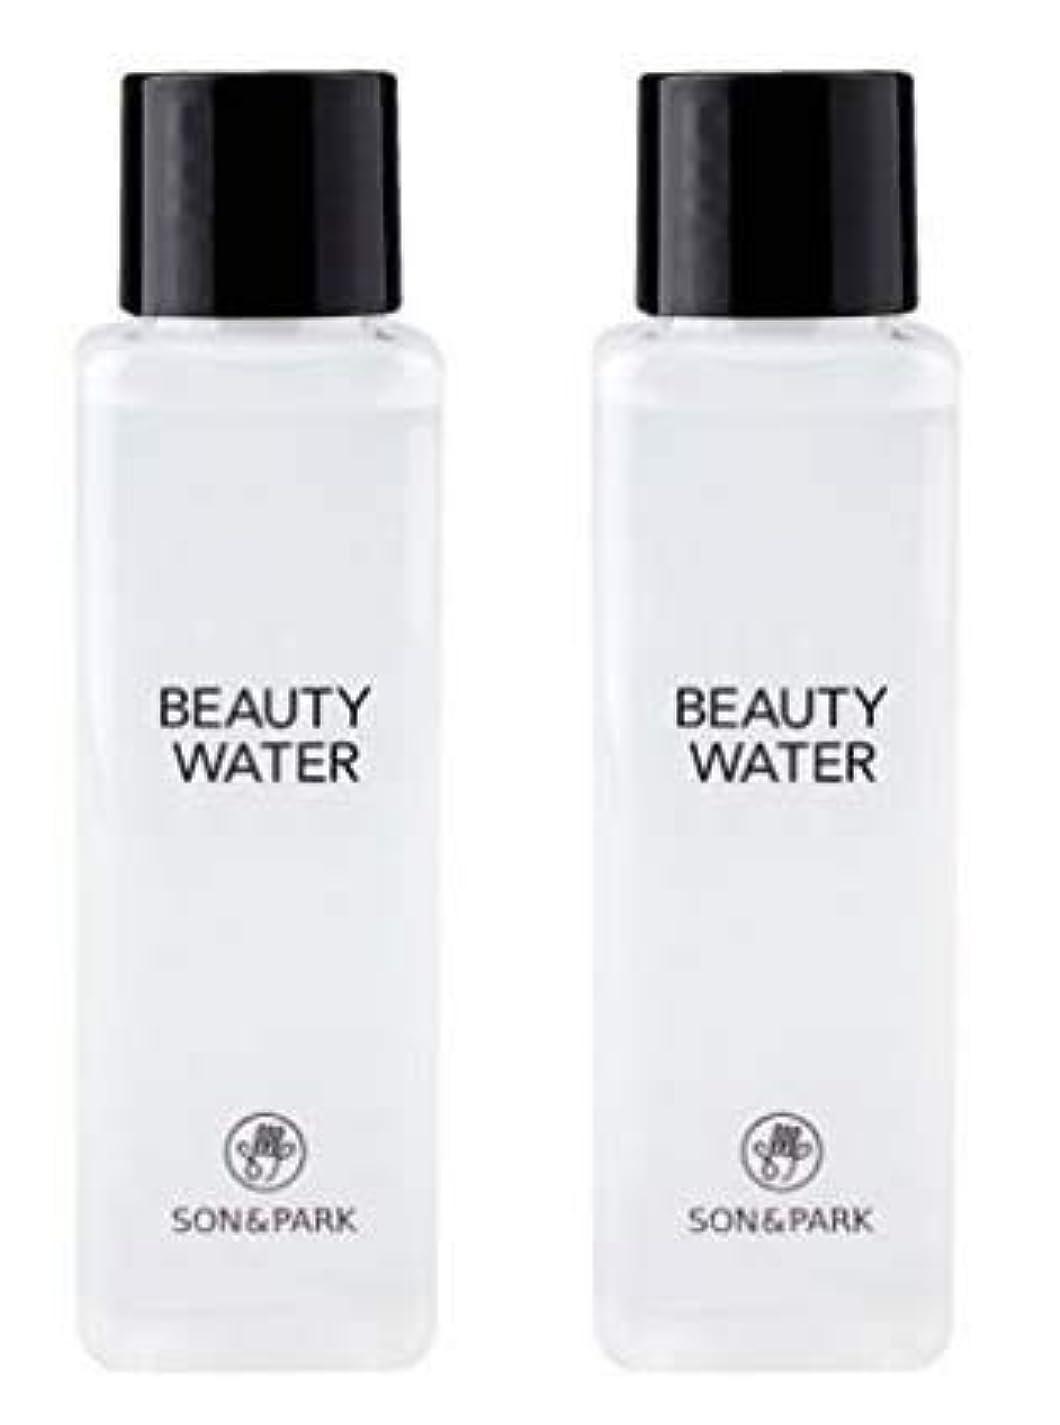 日曜日ペニースチュアート島SON&PARK Beauty Water 60ml*2 / ソン&パク ビューティー ウォーター 60ml*2 [並行輸入品]